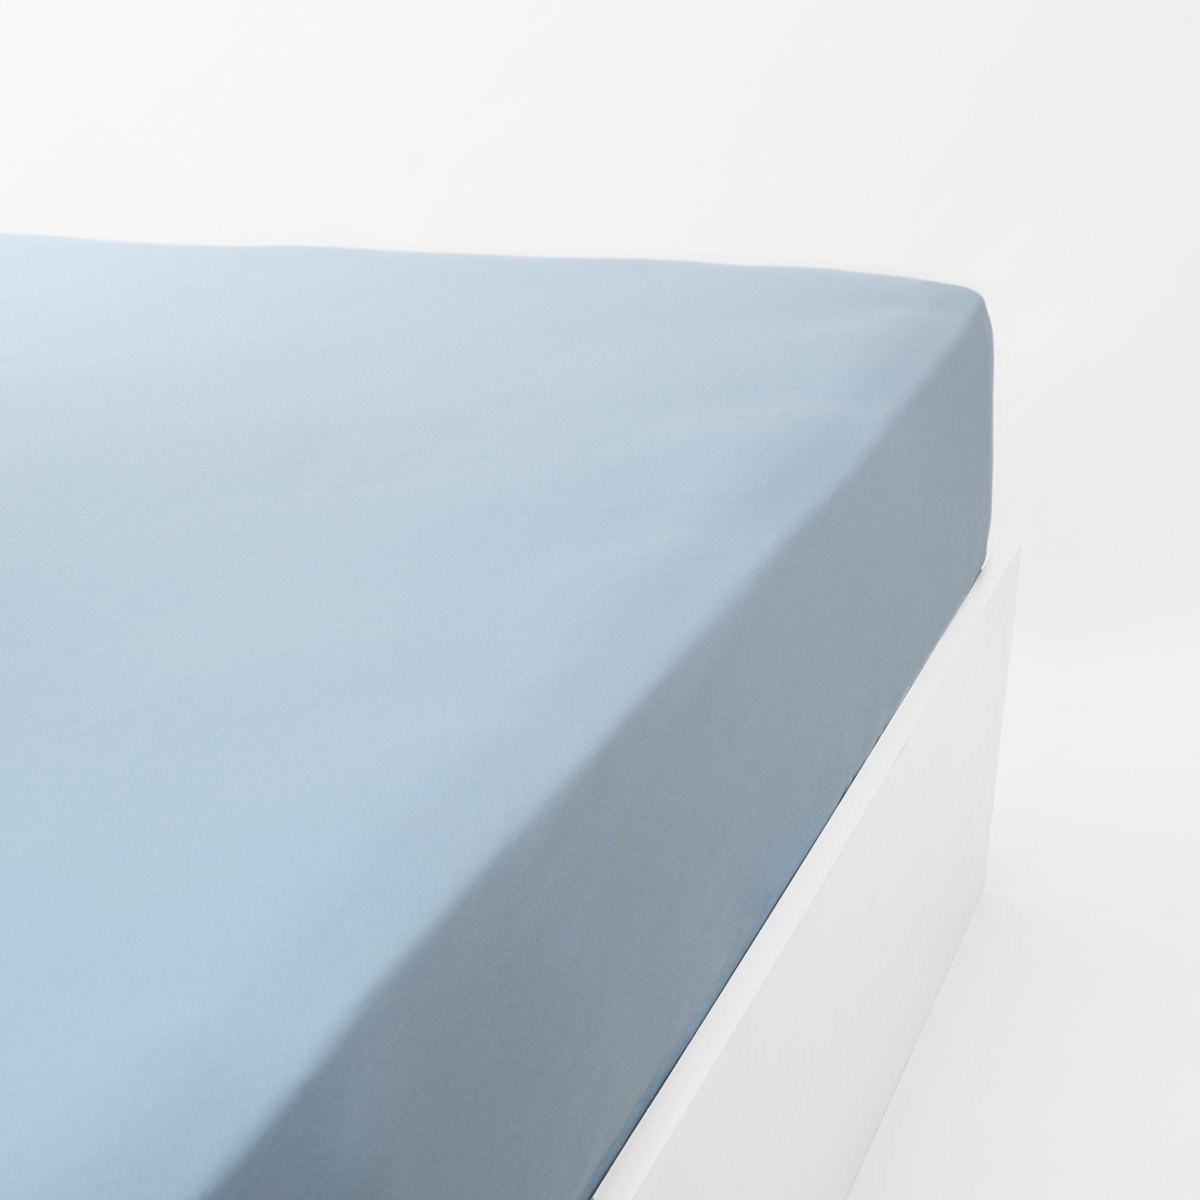 Drap housse jersey extensible en coton bleu clair 90x190 cm